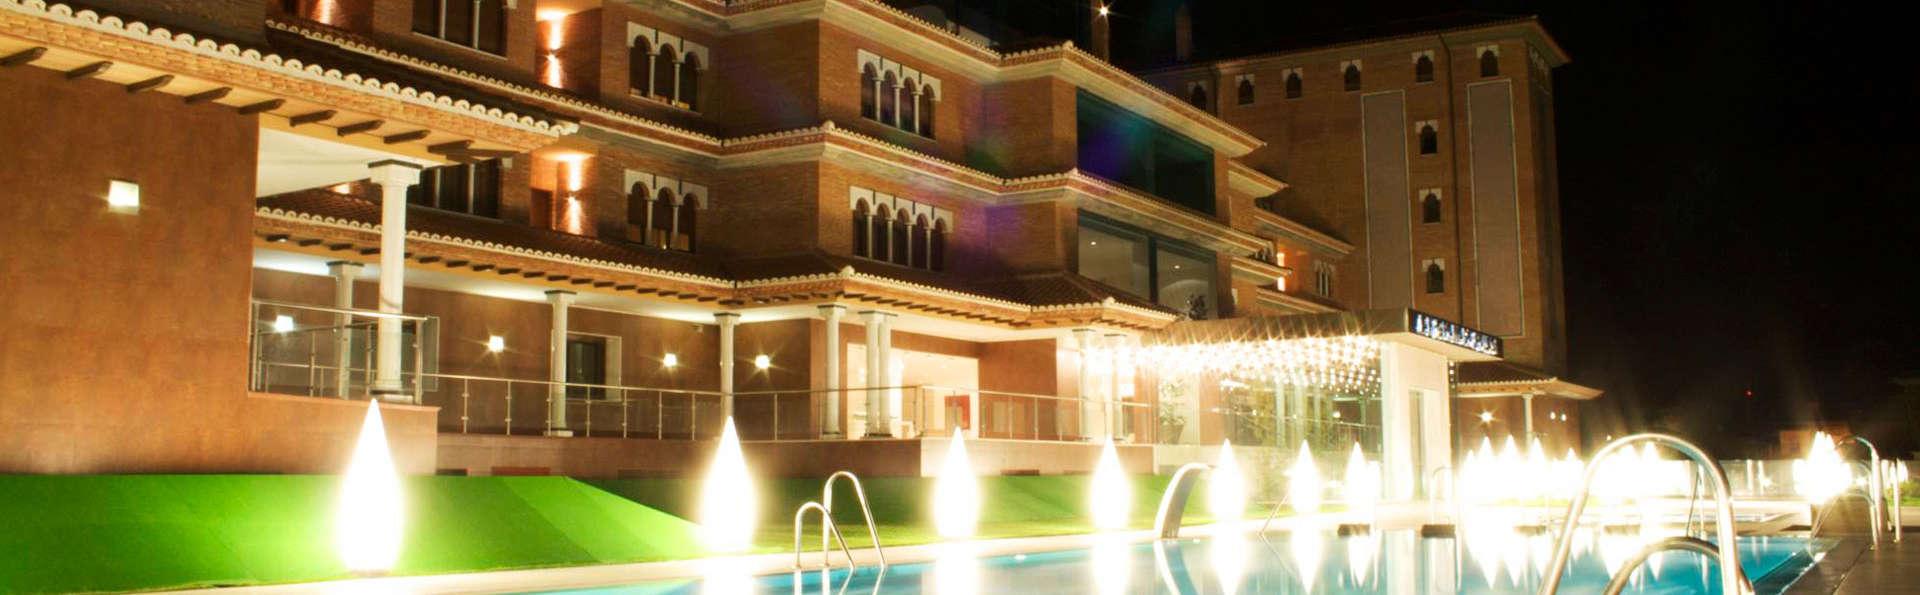 Relax con bañera de hidromasaje y spa a 10 minutos de la Alhambra